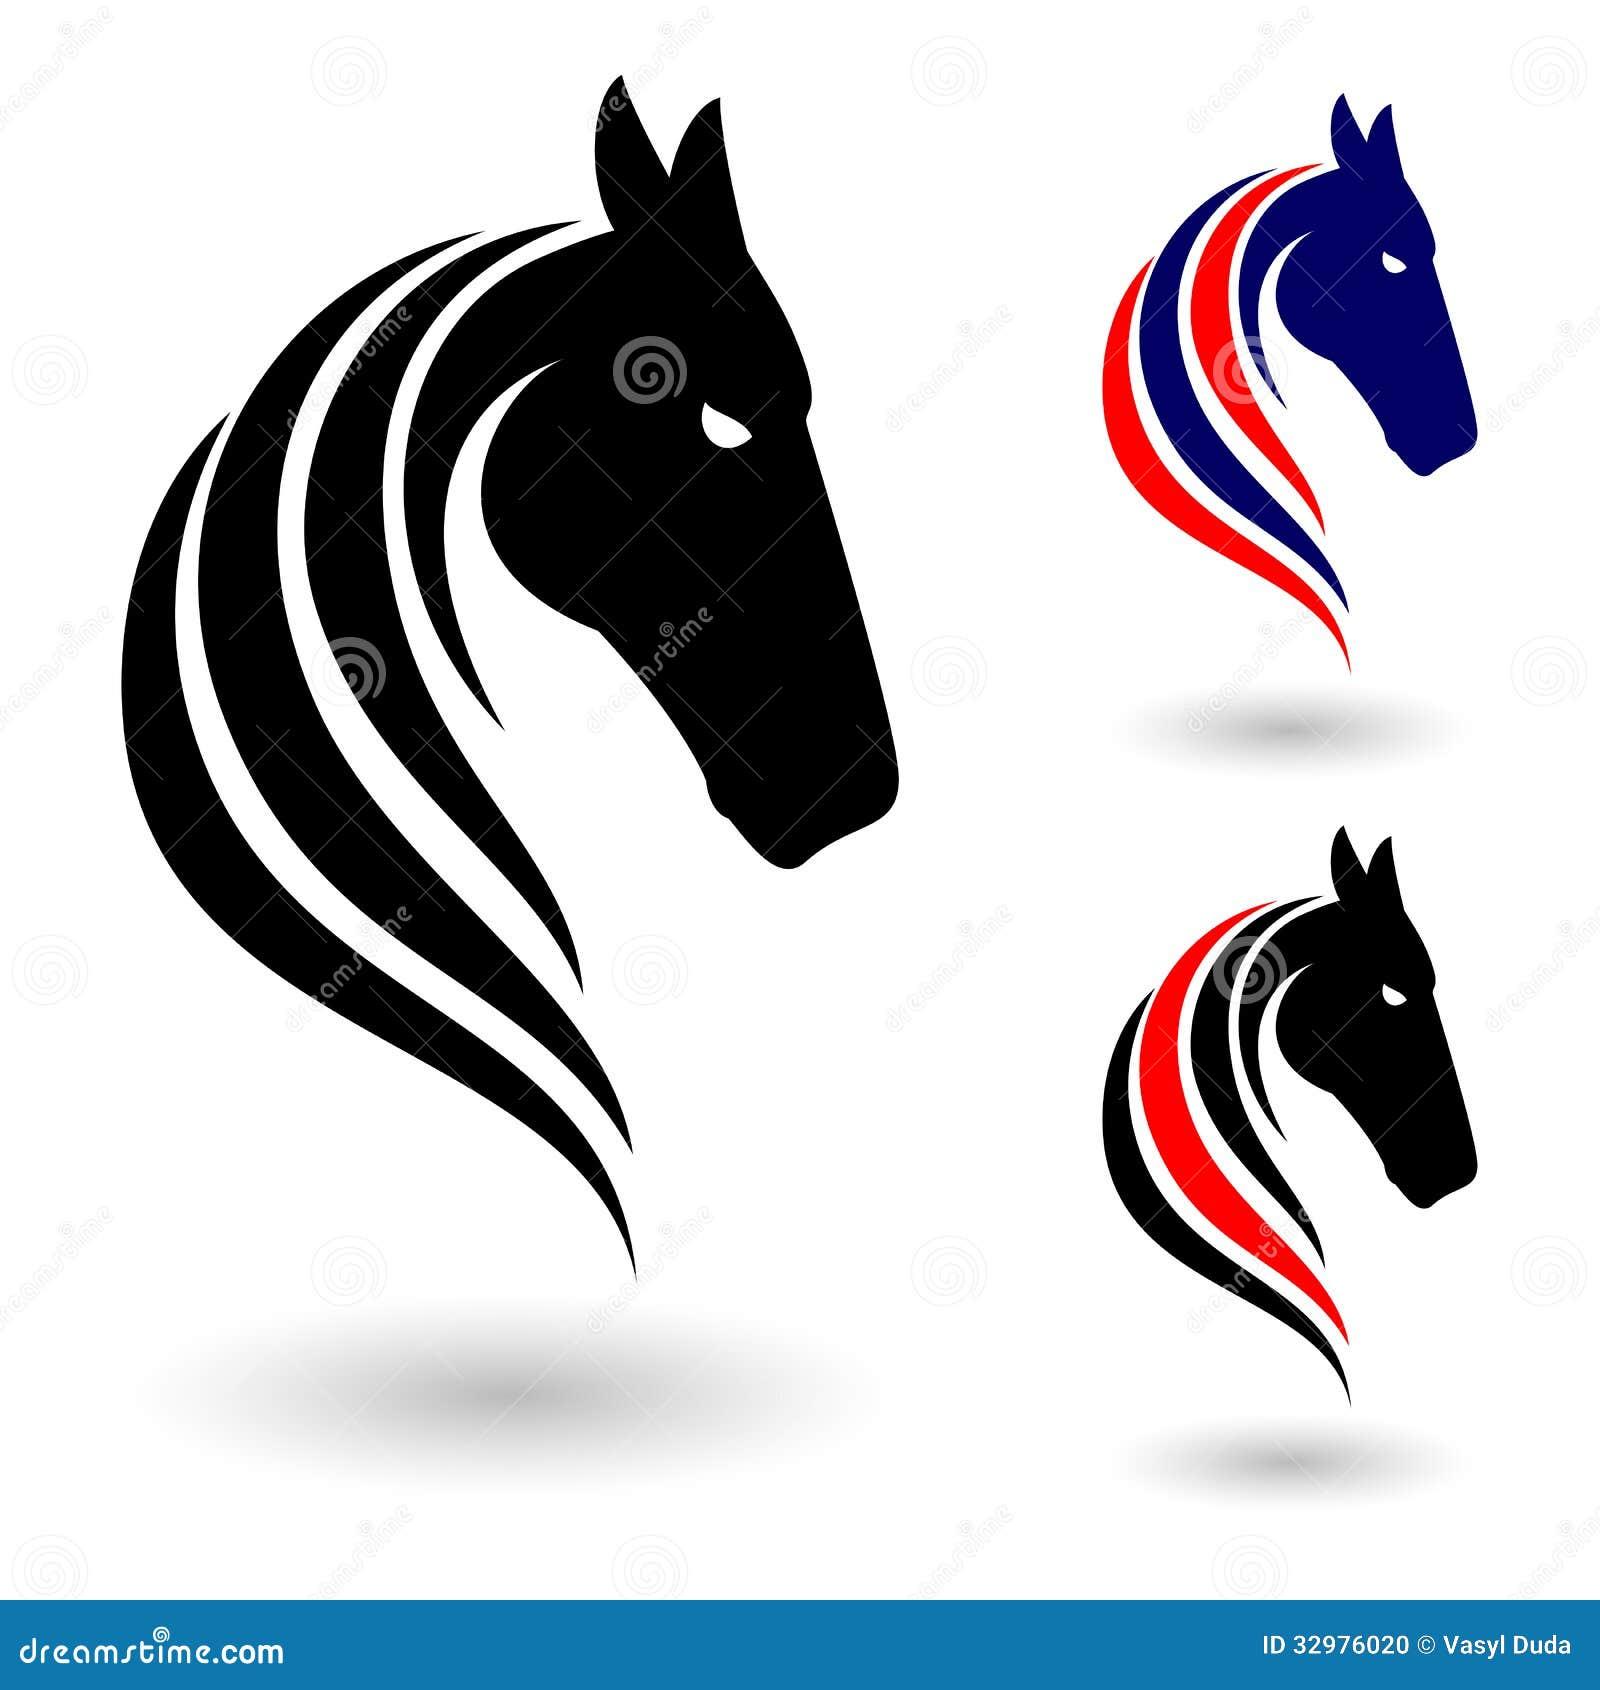 horse symbolism in dreams